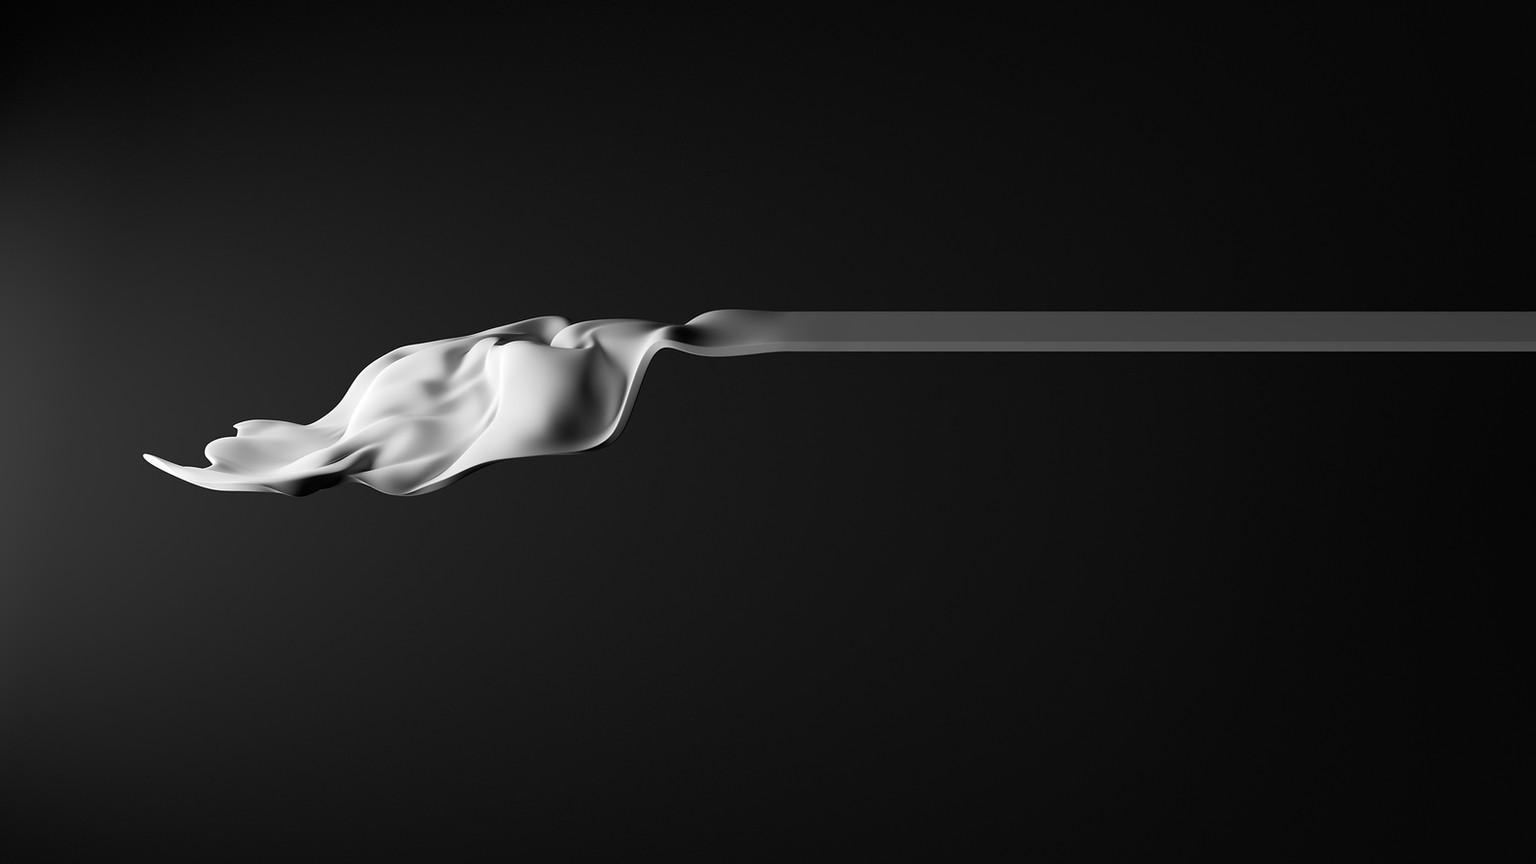 LG HI-MACS rendering